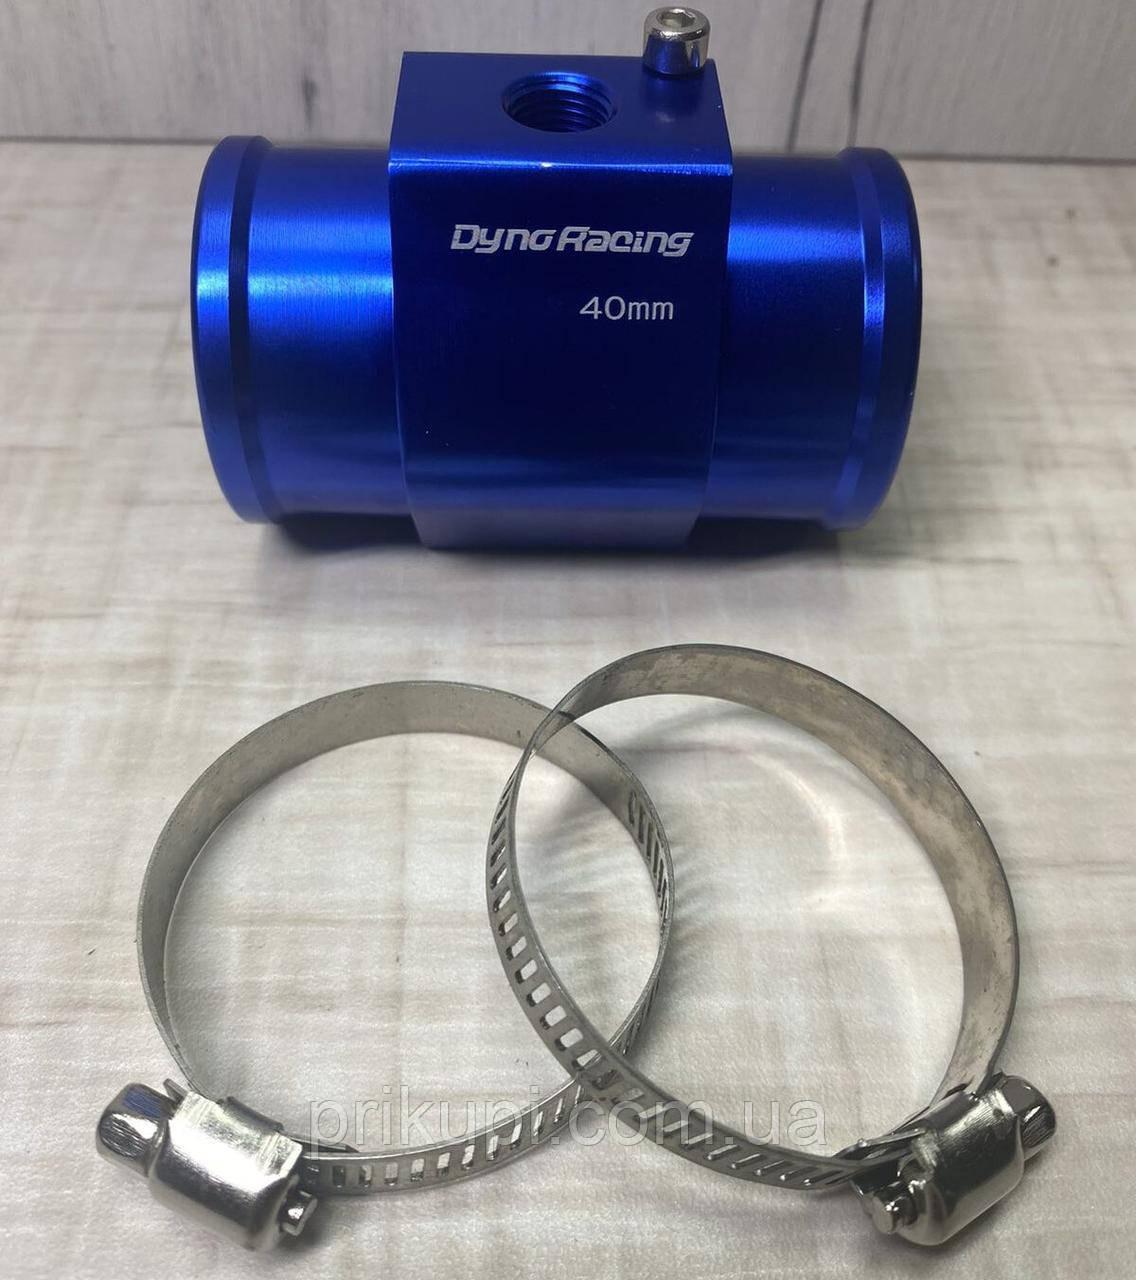 Адаптер-перехідник для установки датчика температури ОЖ двигуна 40мм